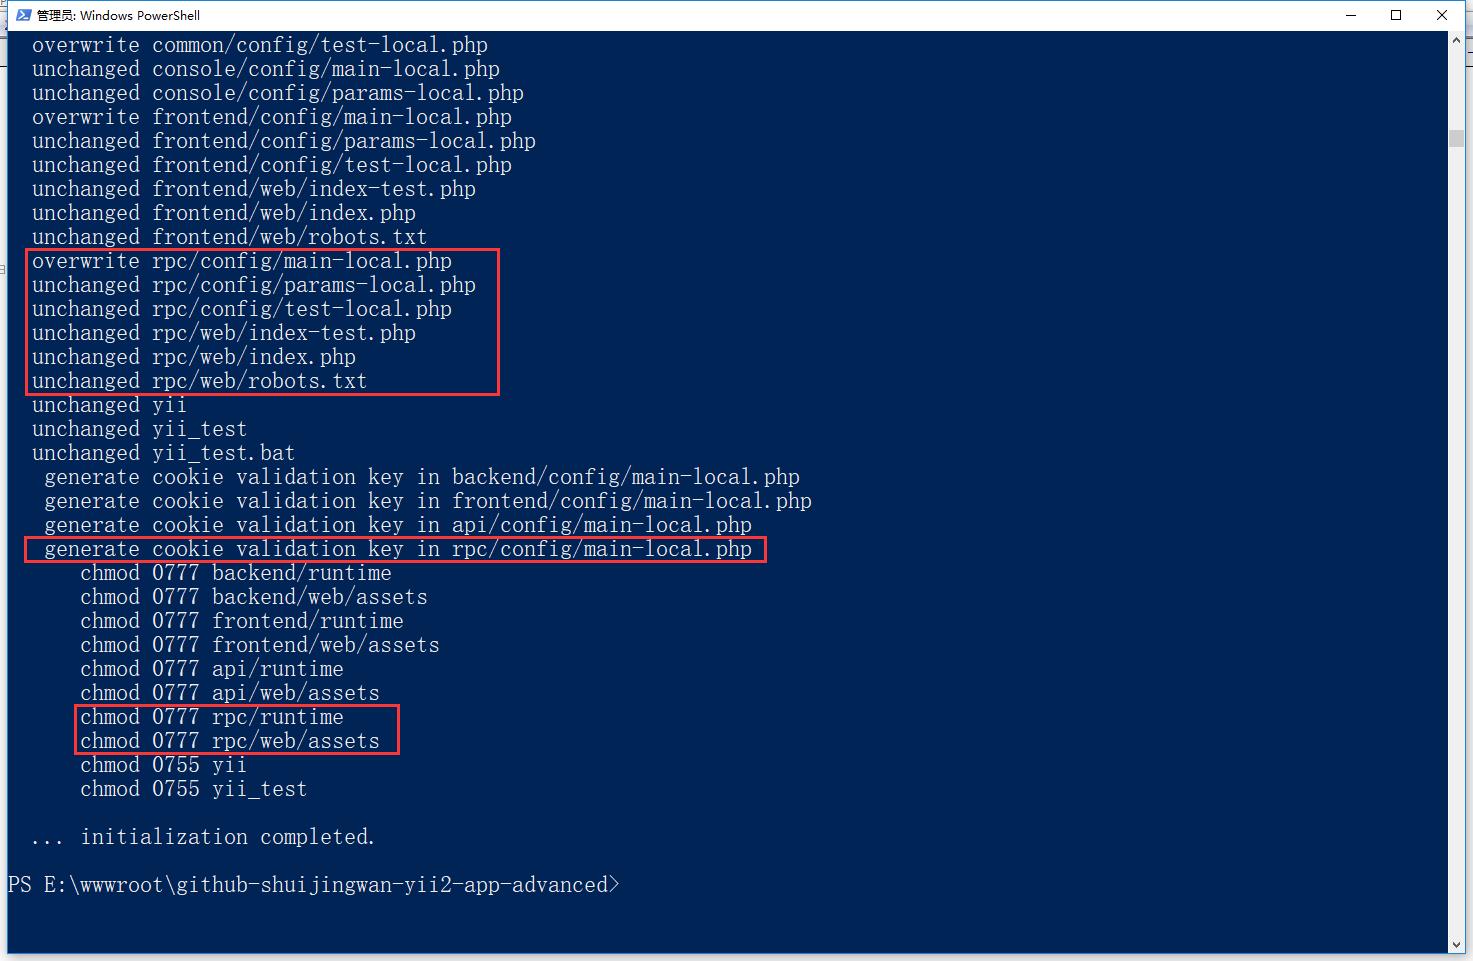 打开 Windows PowerShell,执行 init 命令并选择 dev 作为环境,api应用所需环境配置文件自动生成